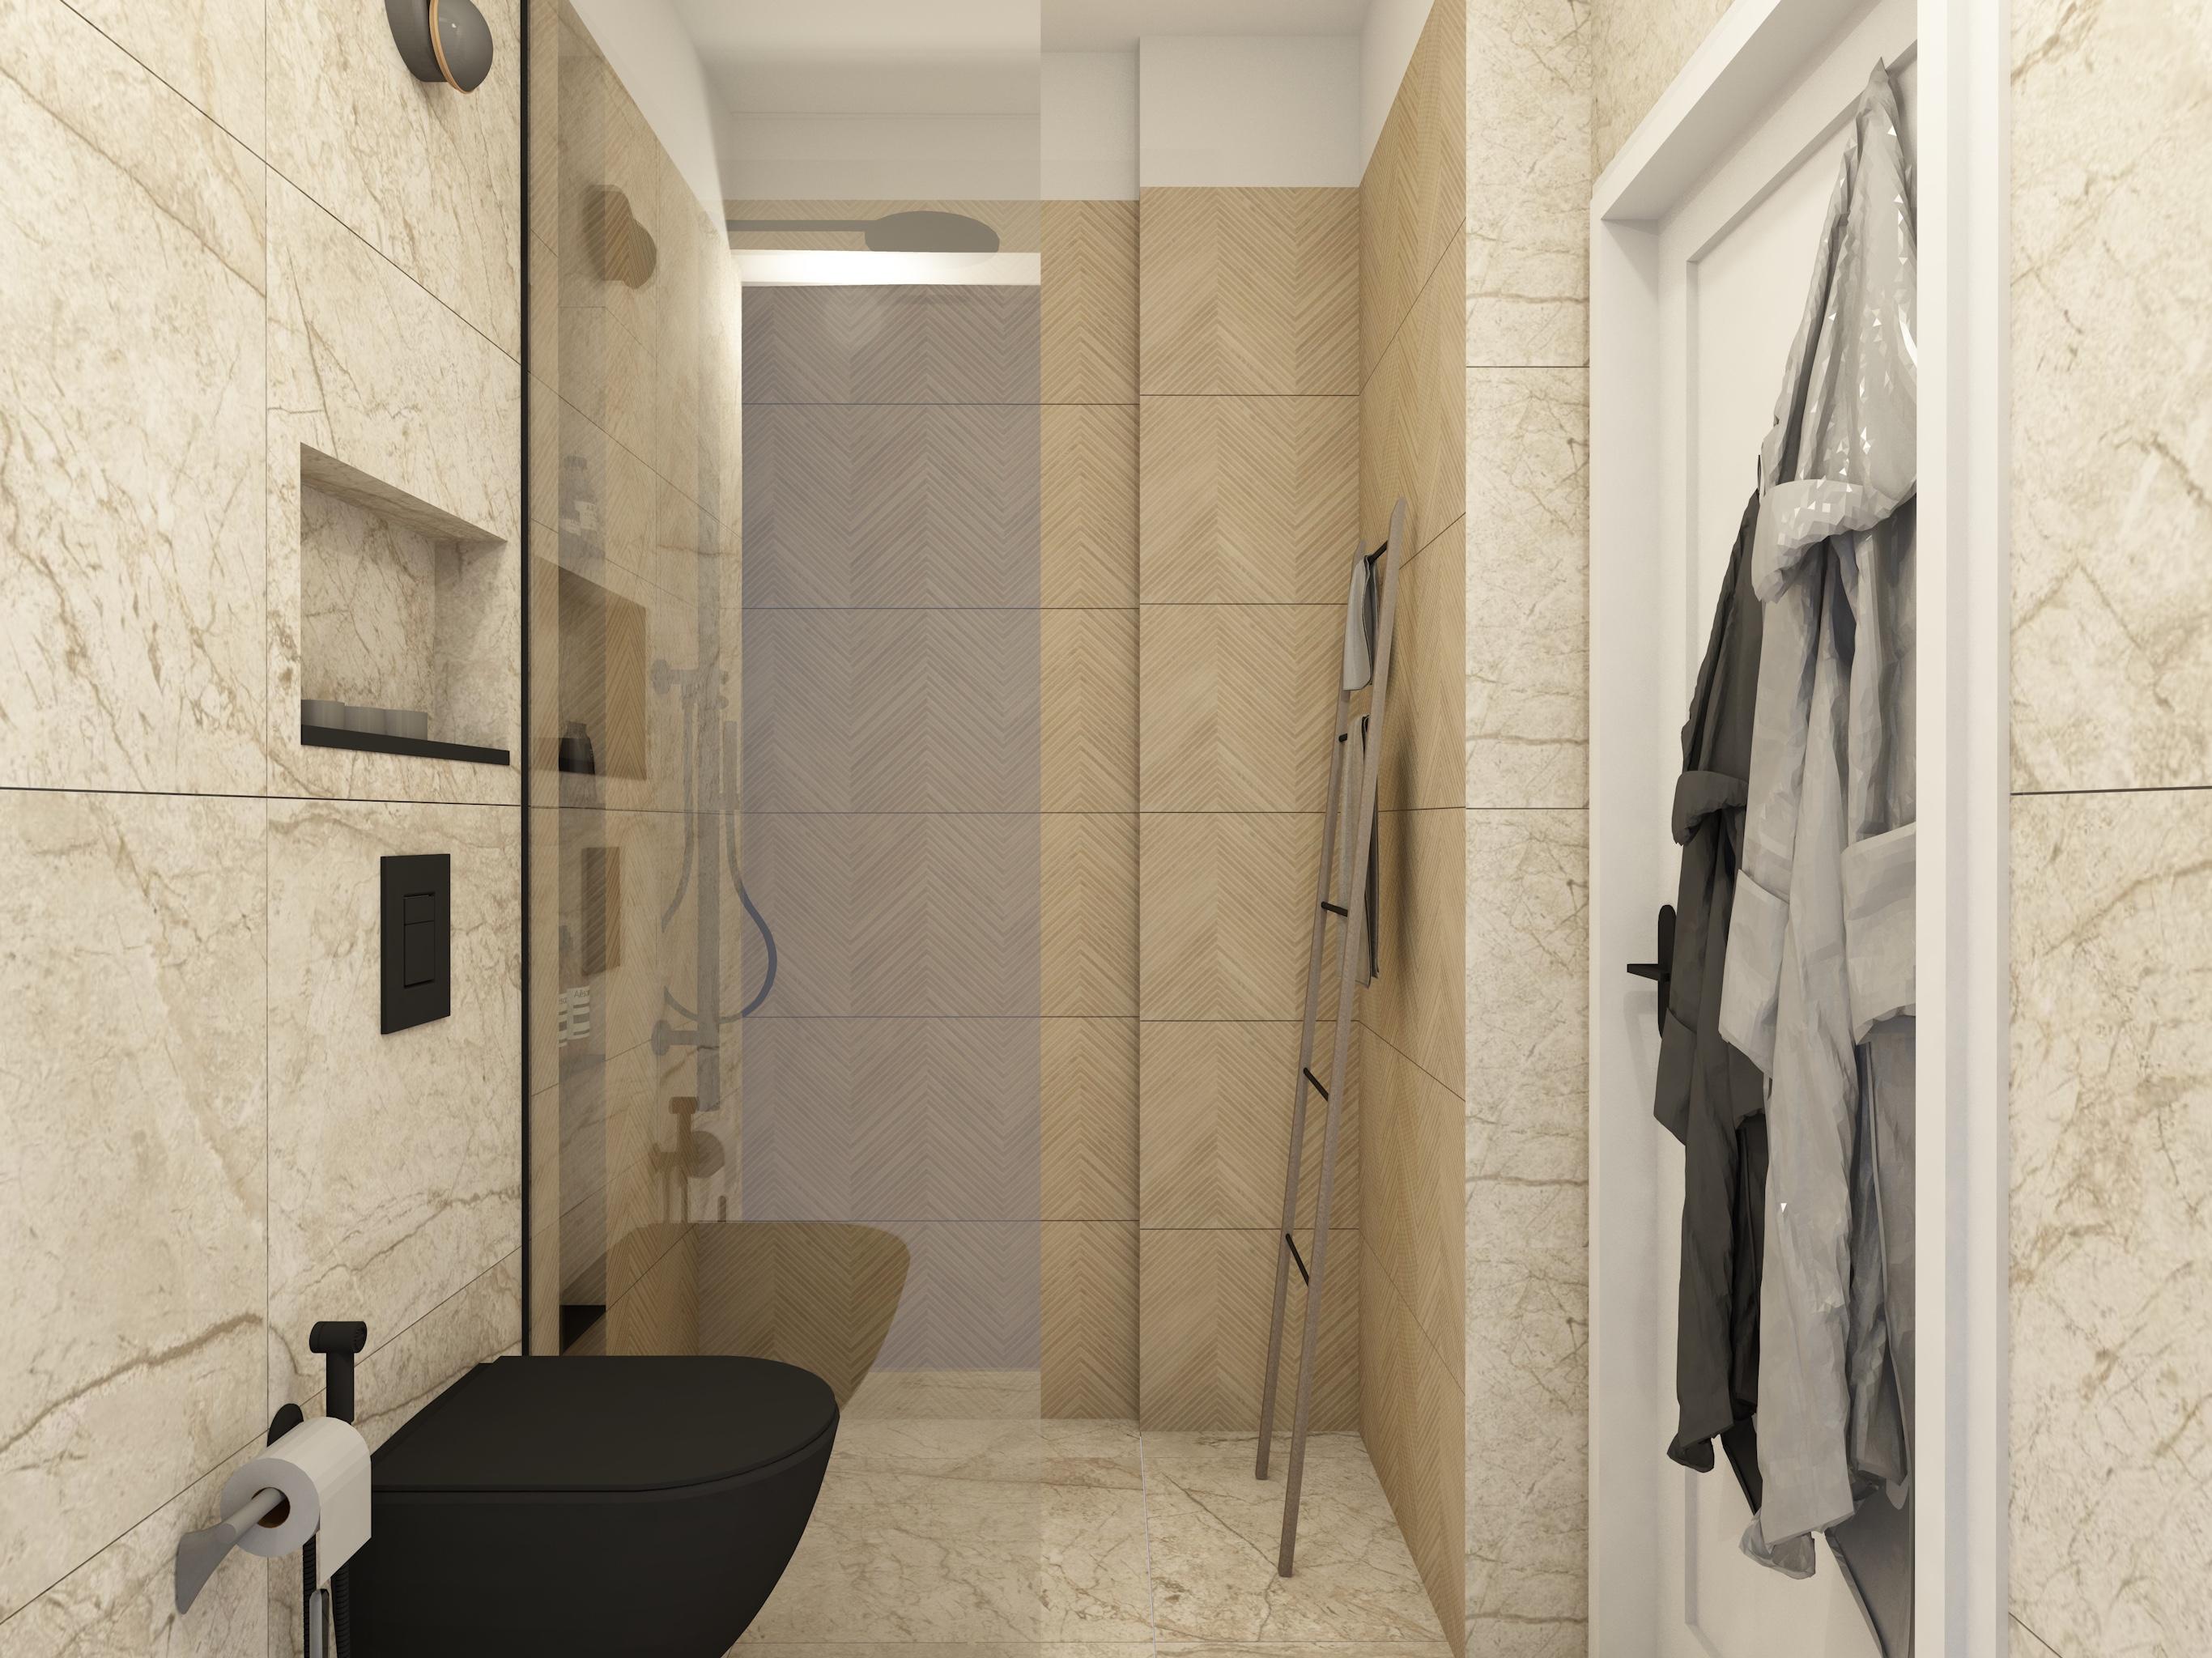 Łazienka z płytkami drewnopodobnymi w stylu chevron i imitującymi kamień